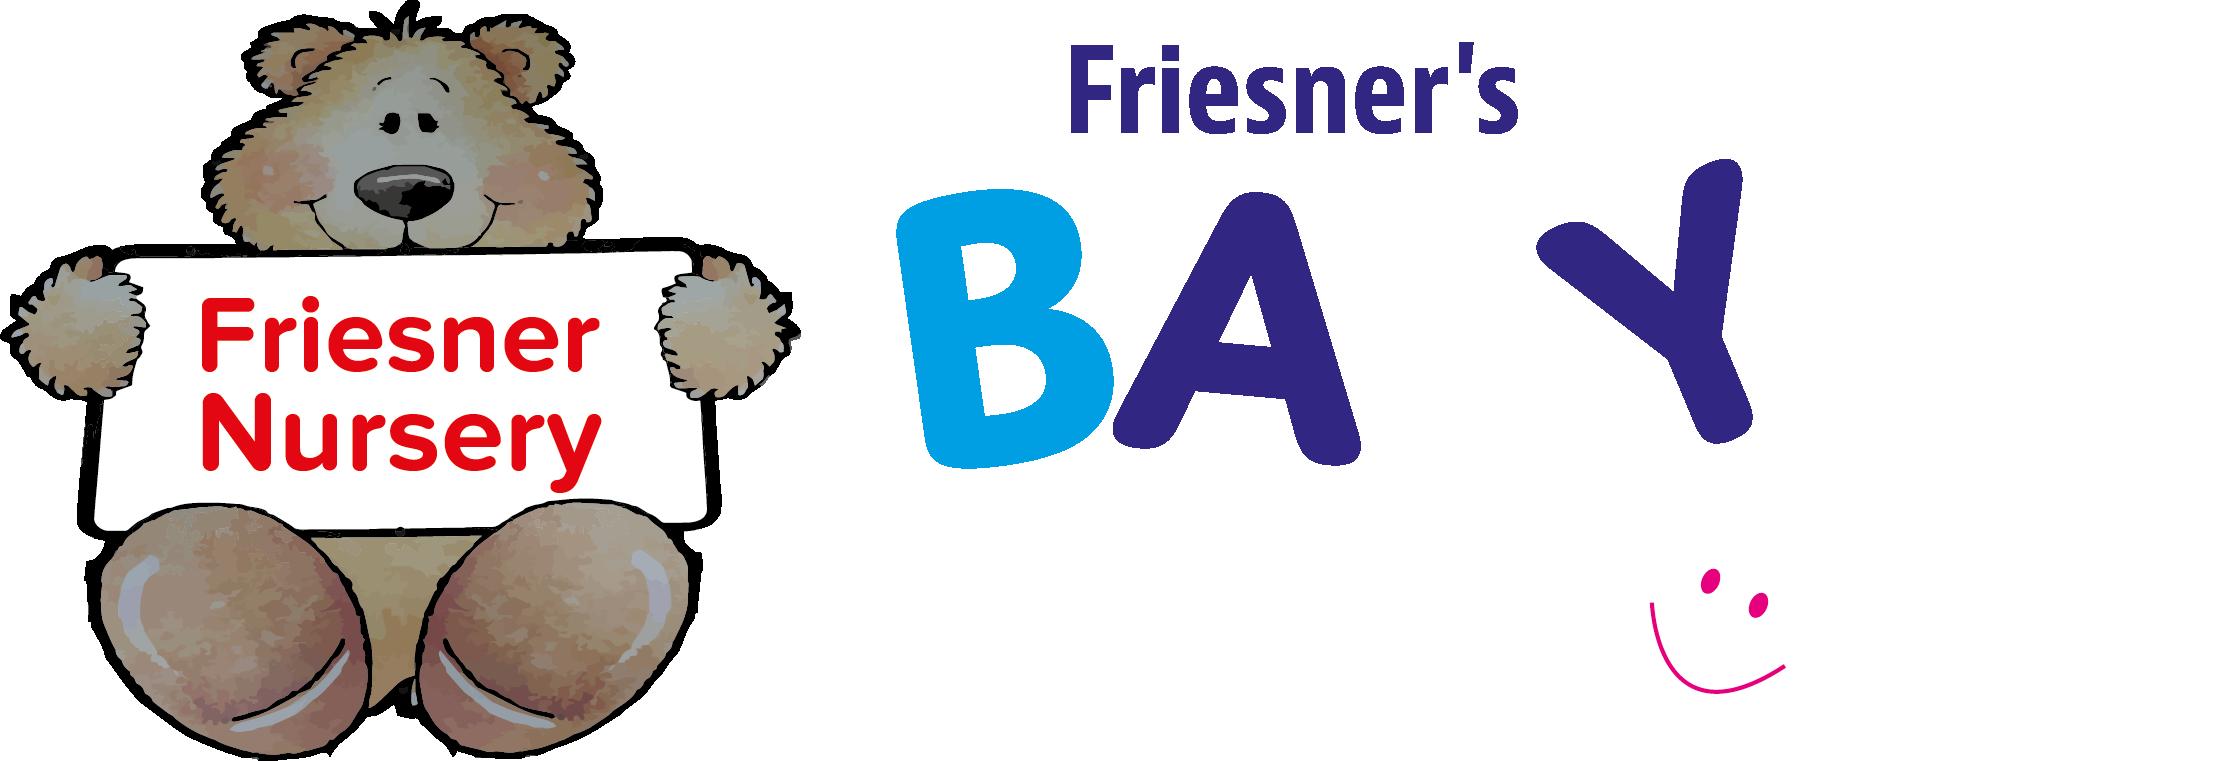 Friesner Nursery